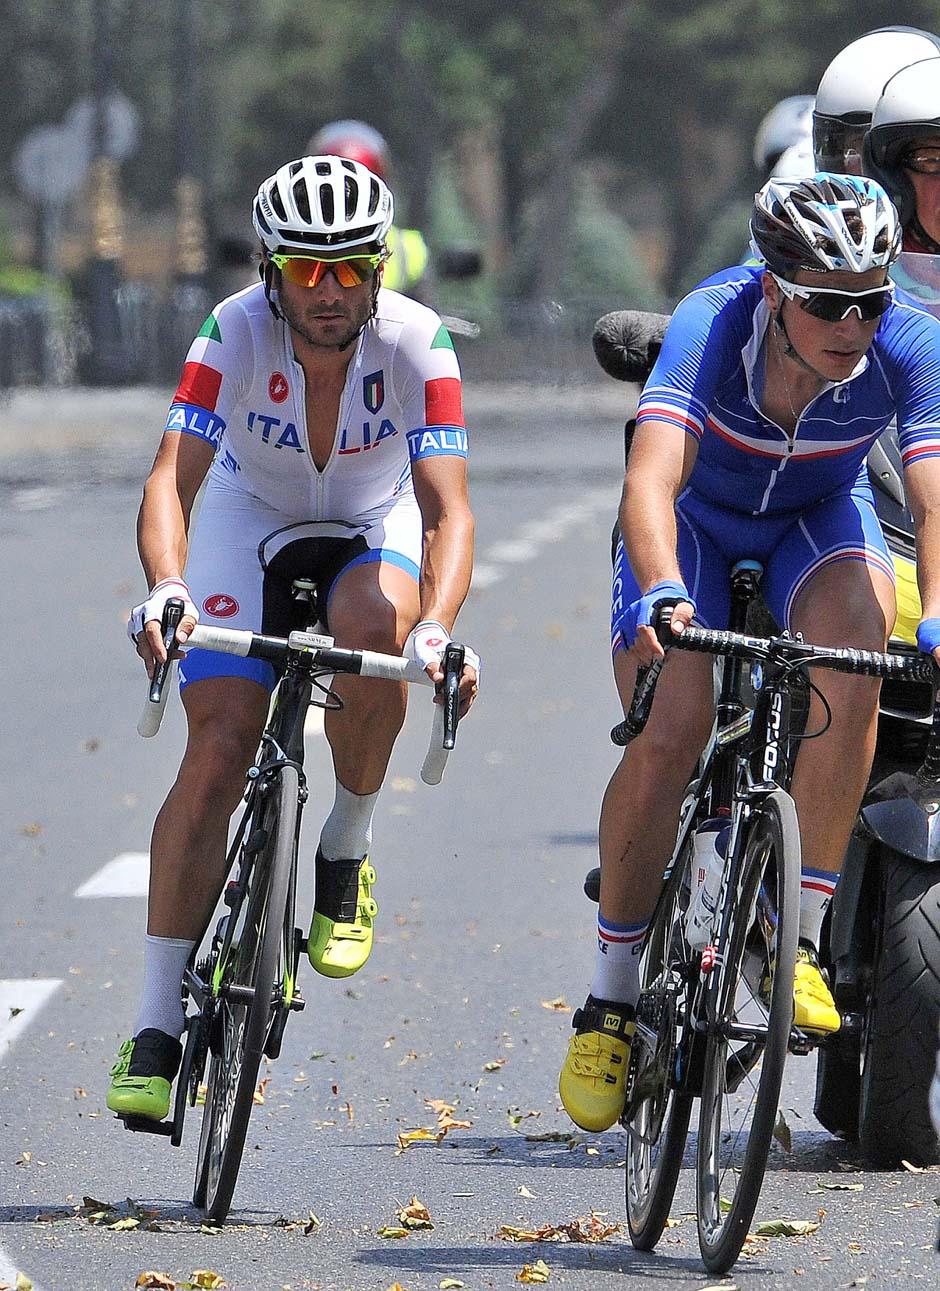 Ciclismo foto Ferraro GMT 007